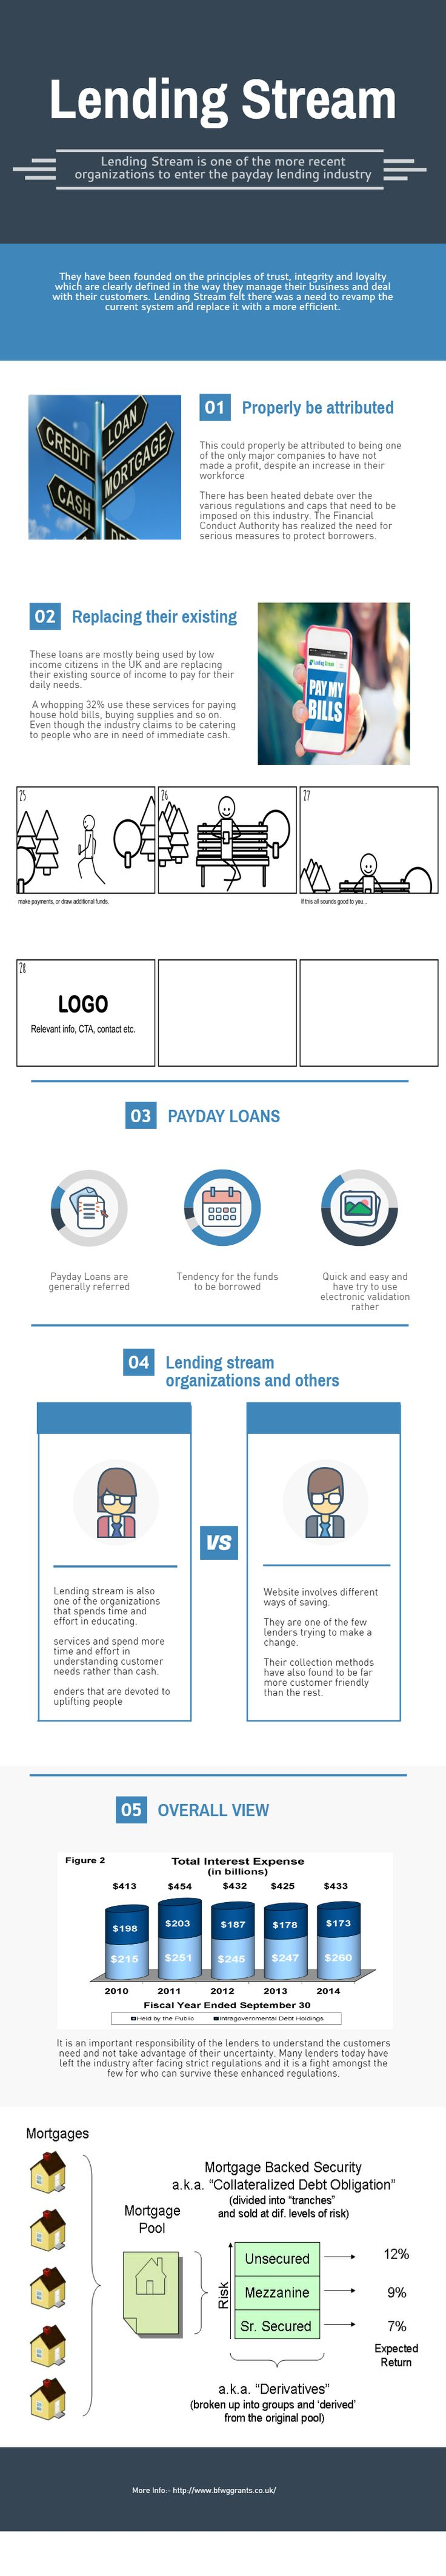 Sunday night payday loans image 3